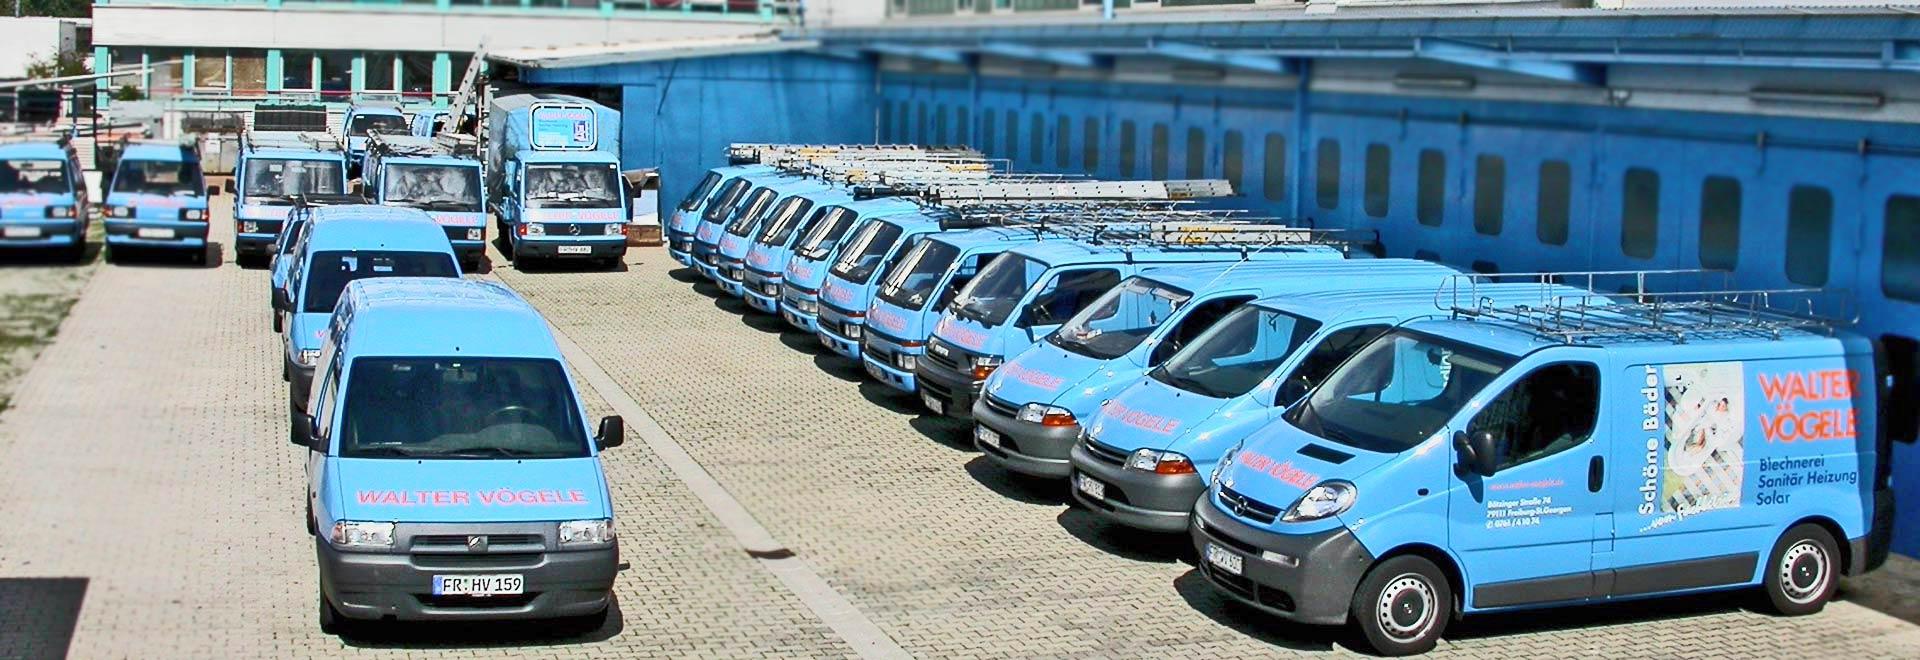 Unsere Kundendienst-Fahrzeuge, die 'blaue Flotte'